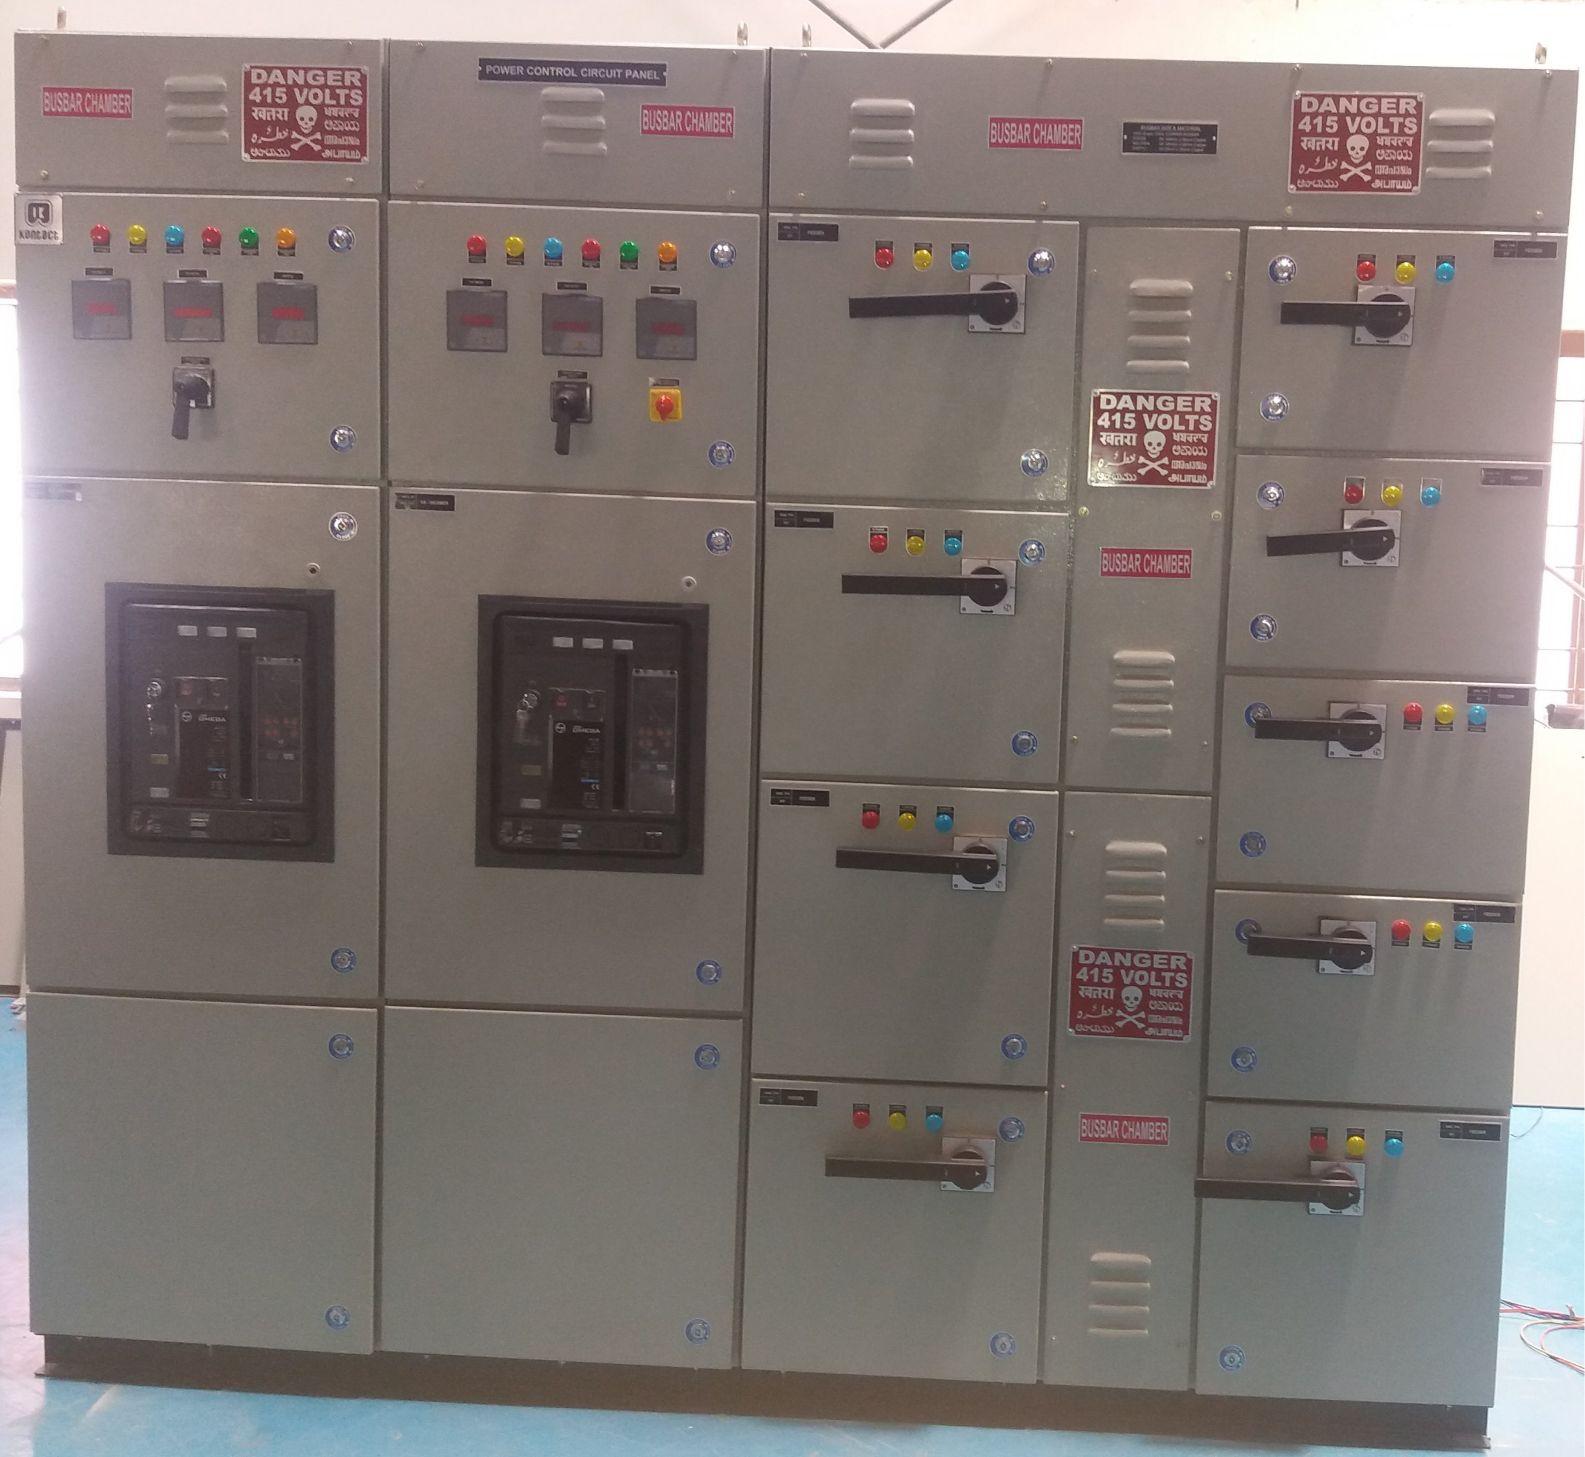 Power Control Centre (PCC)